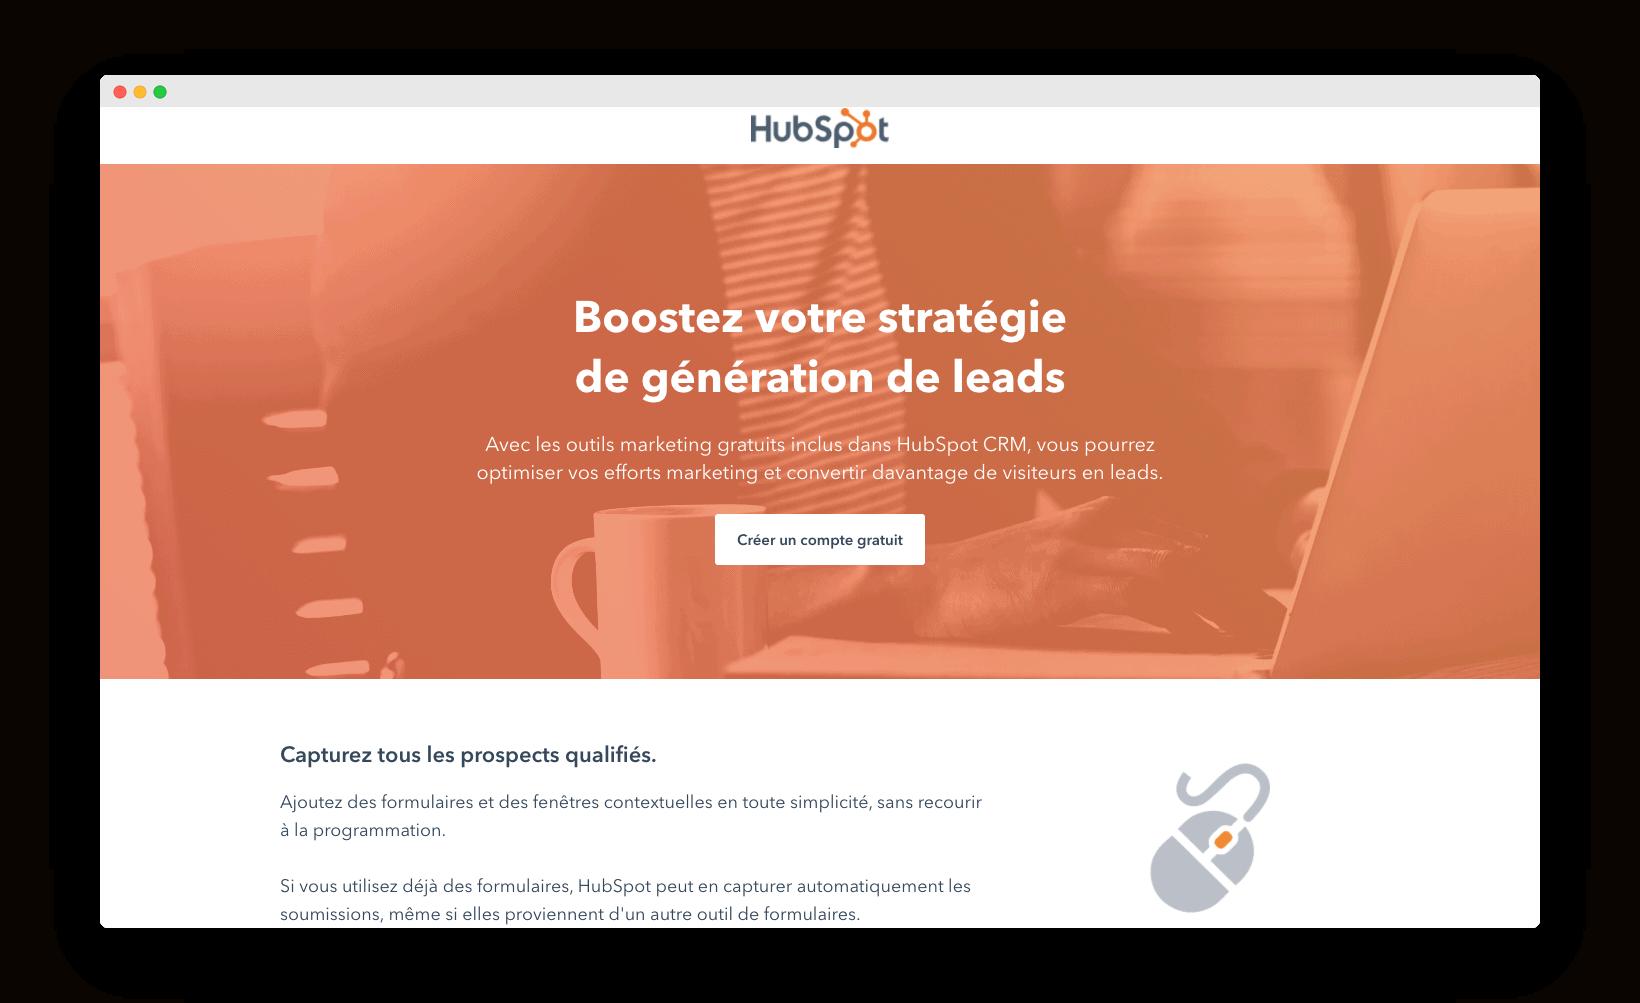 homepage de Hubspot